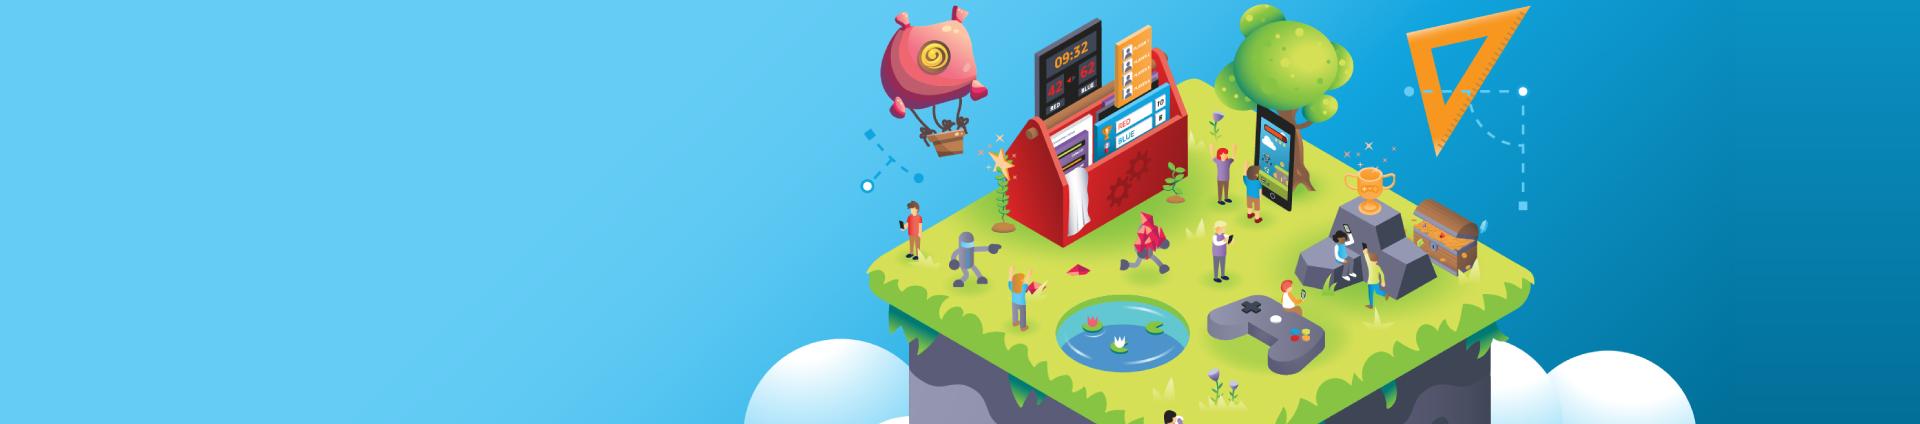 Mobile Arcade Games